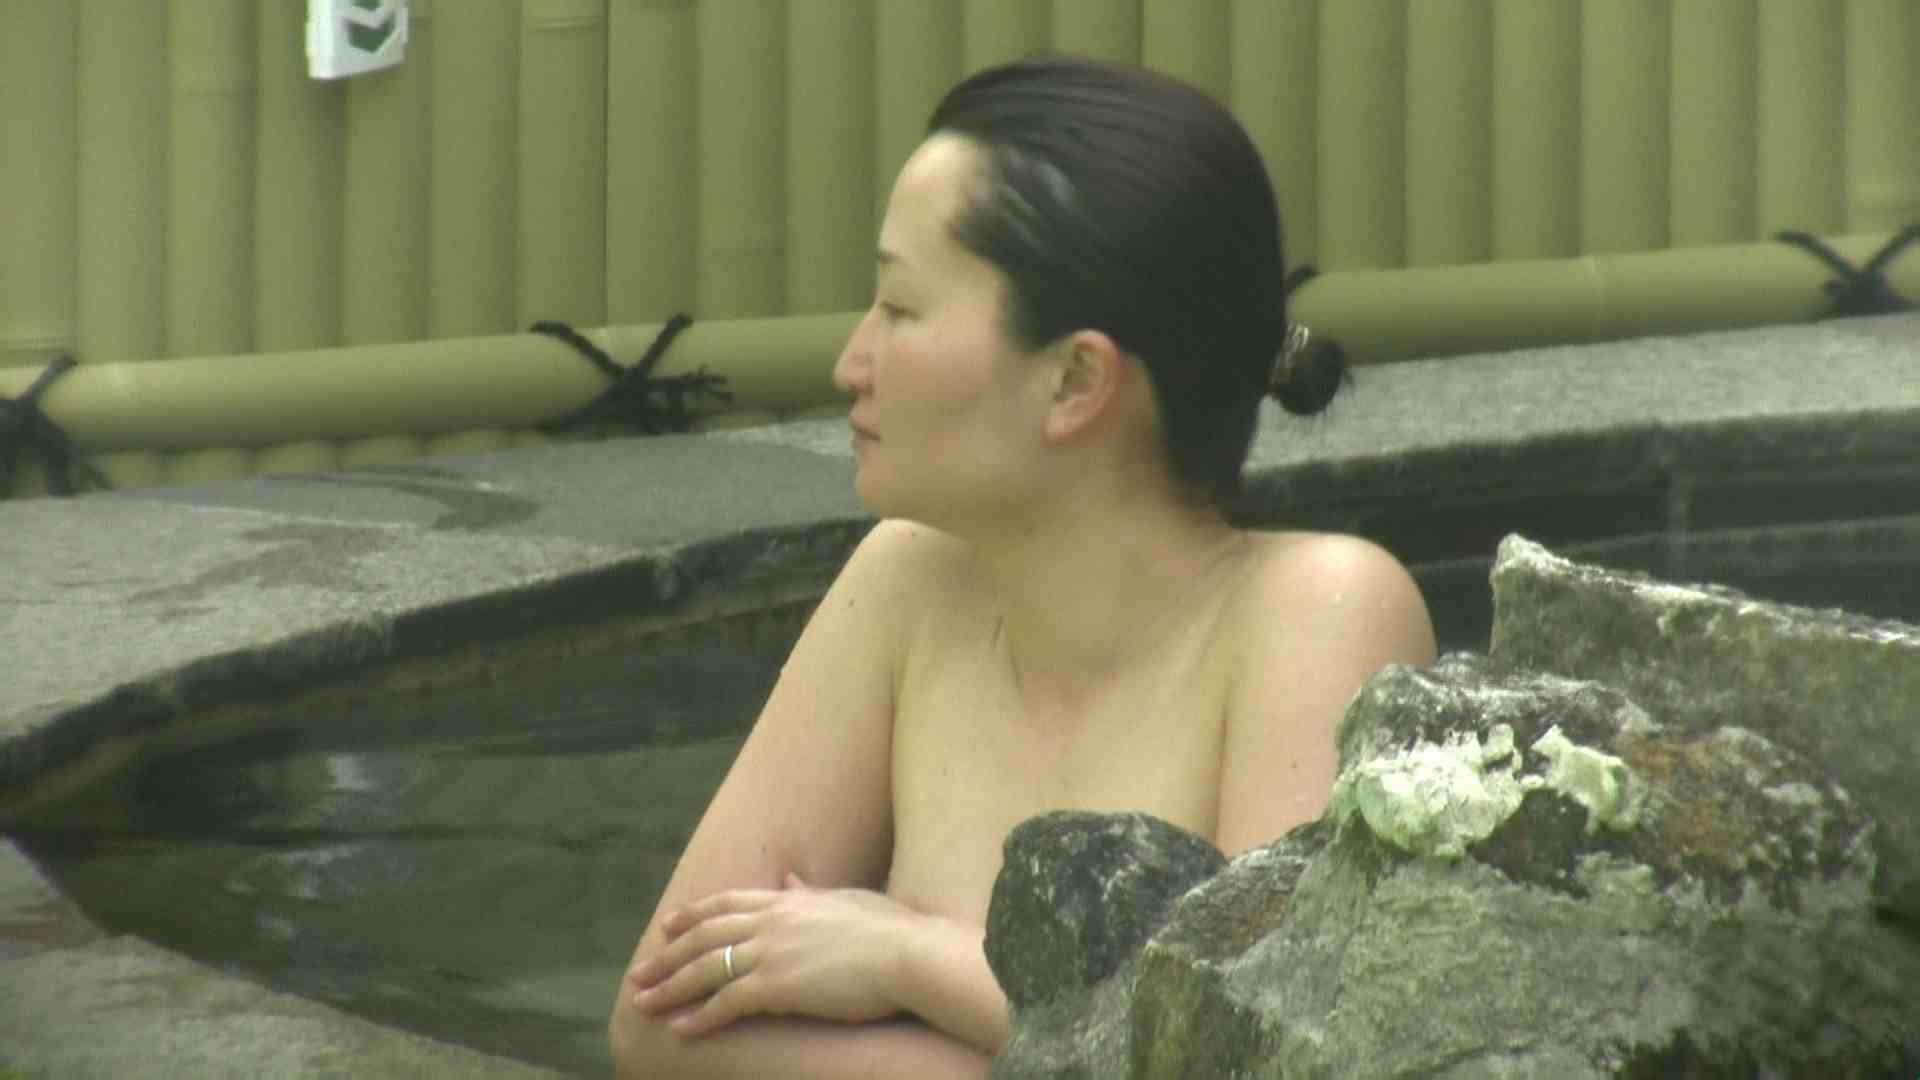 Aquaな露天風呂Vol.632 OL女体 のぞき動画画像 75連発 59